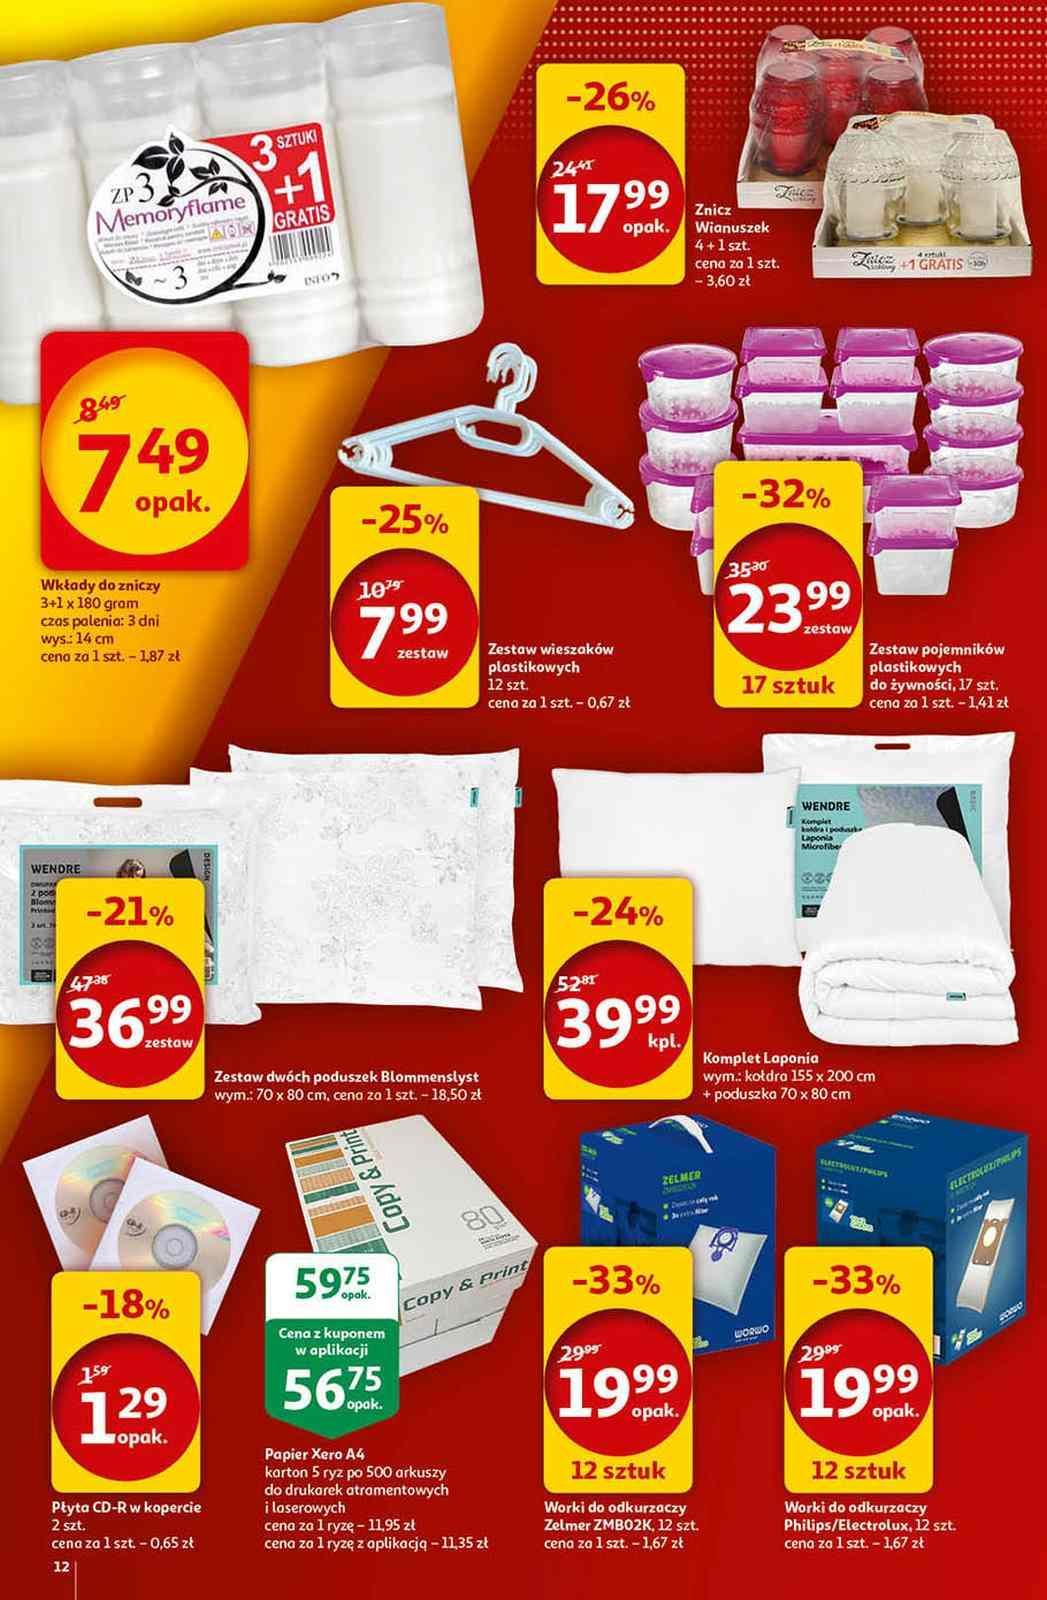 Gazetka promocyjna Auchan do 09/09/2020 str.11